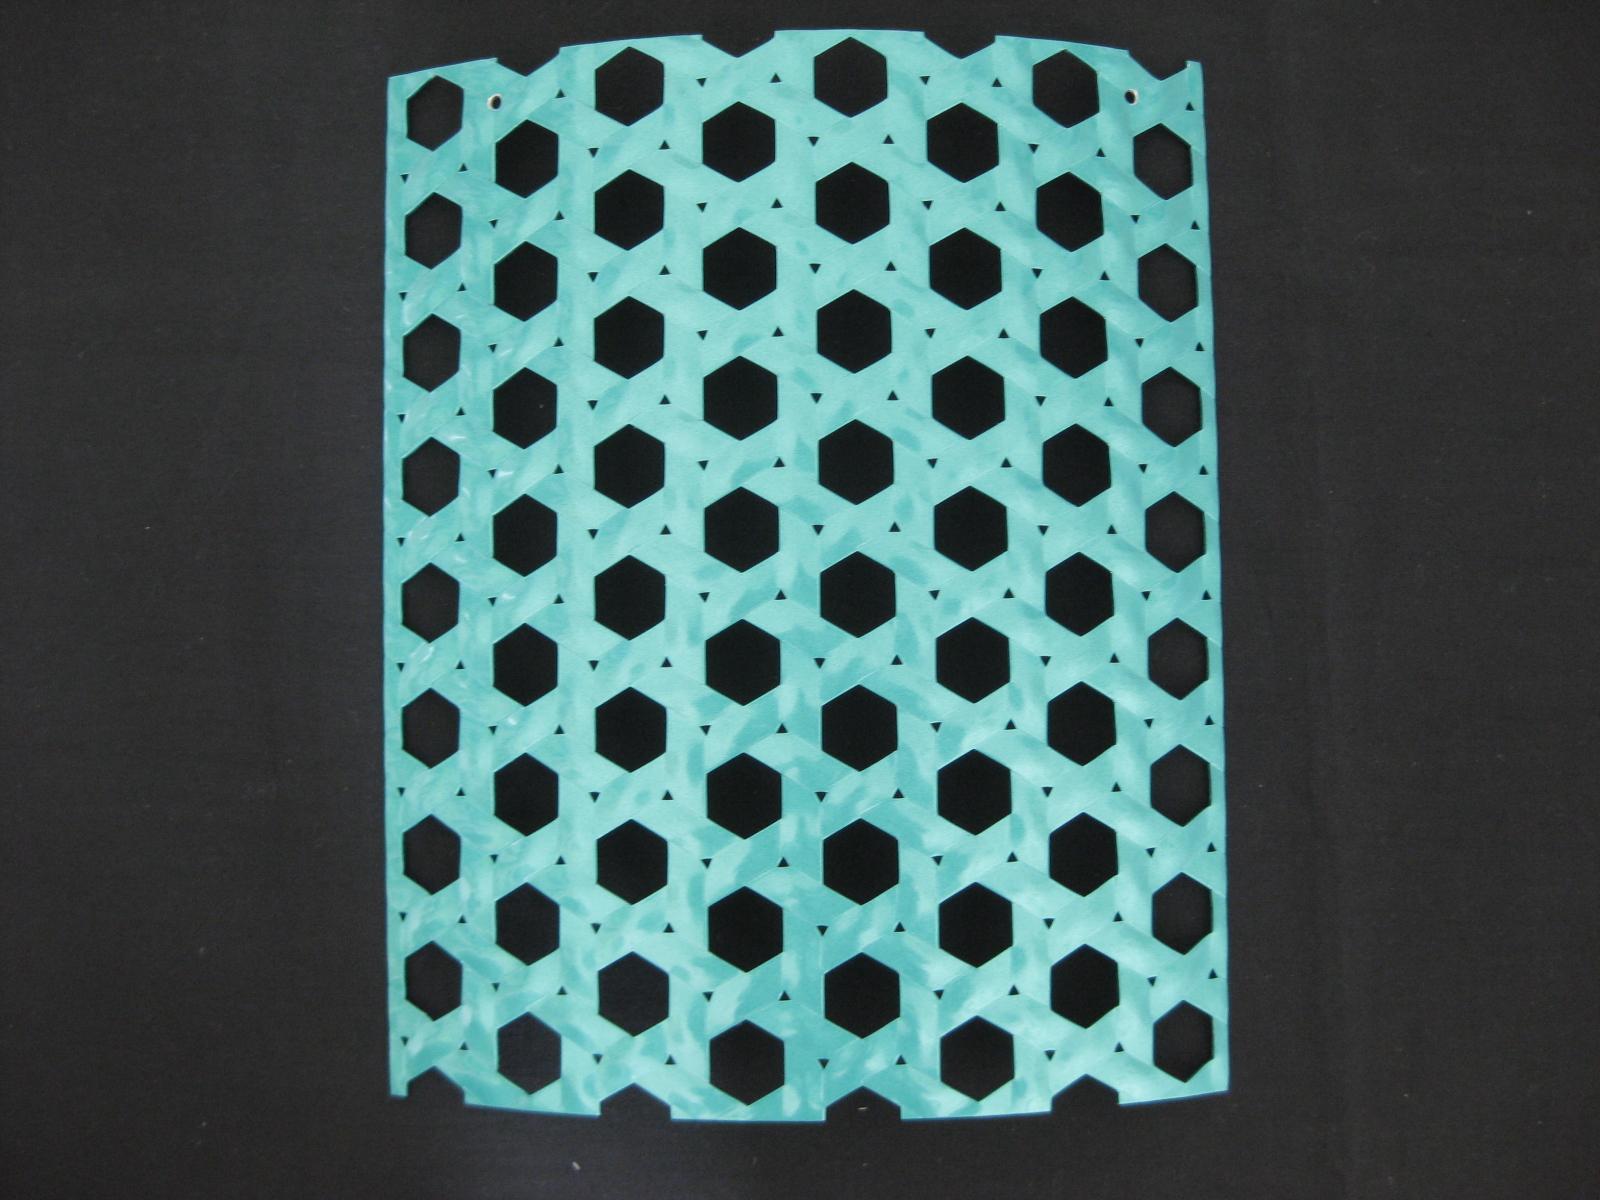 籠目模様パンチングメタル(鋼板)